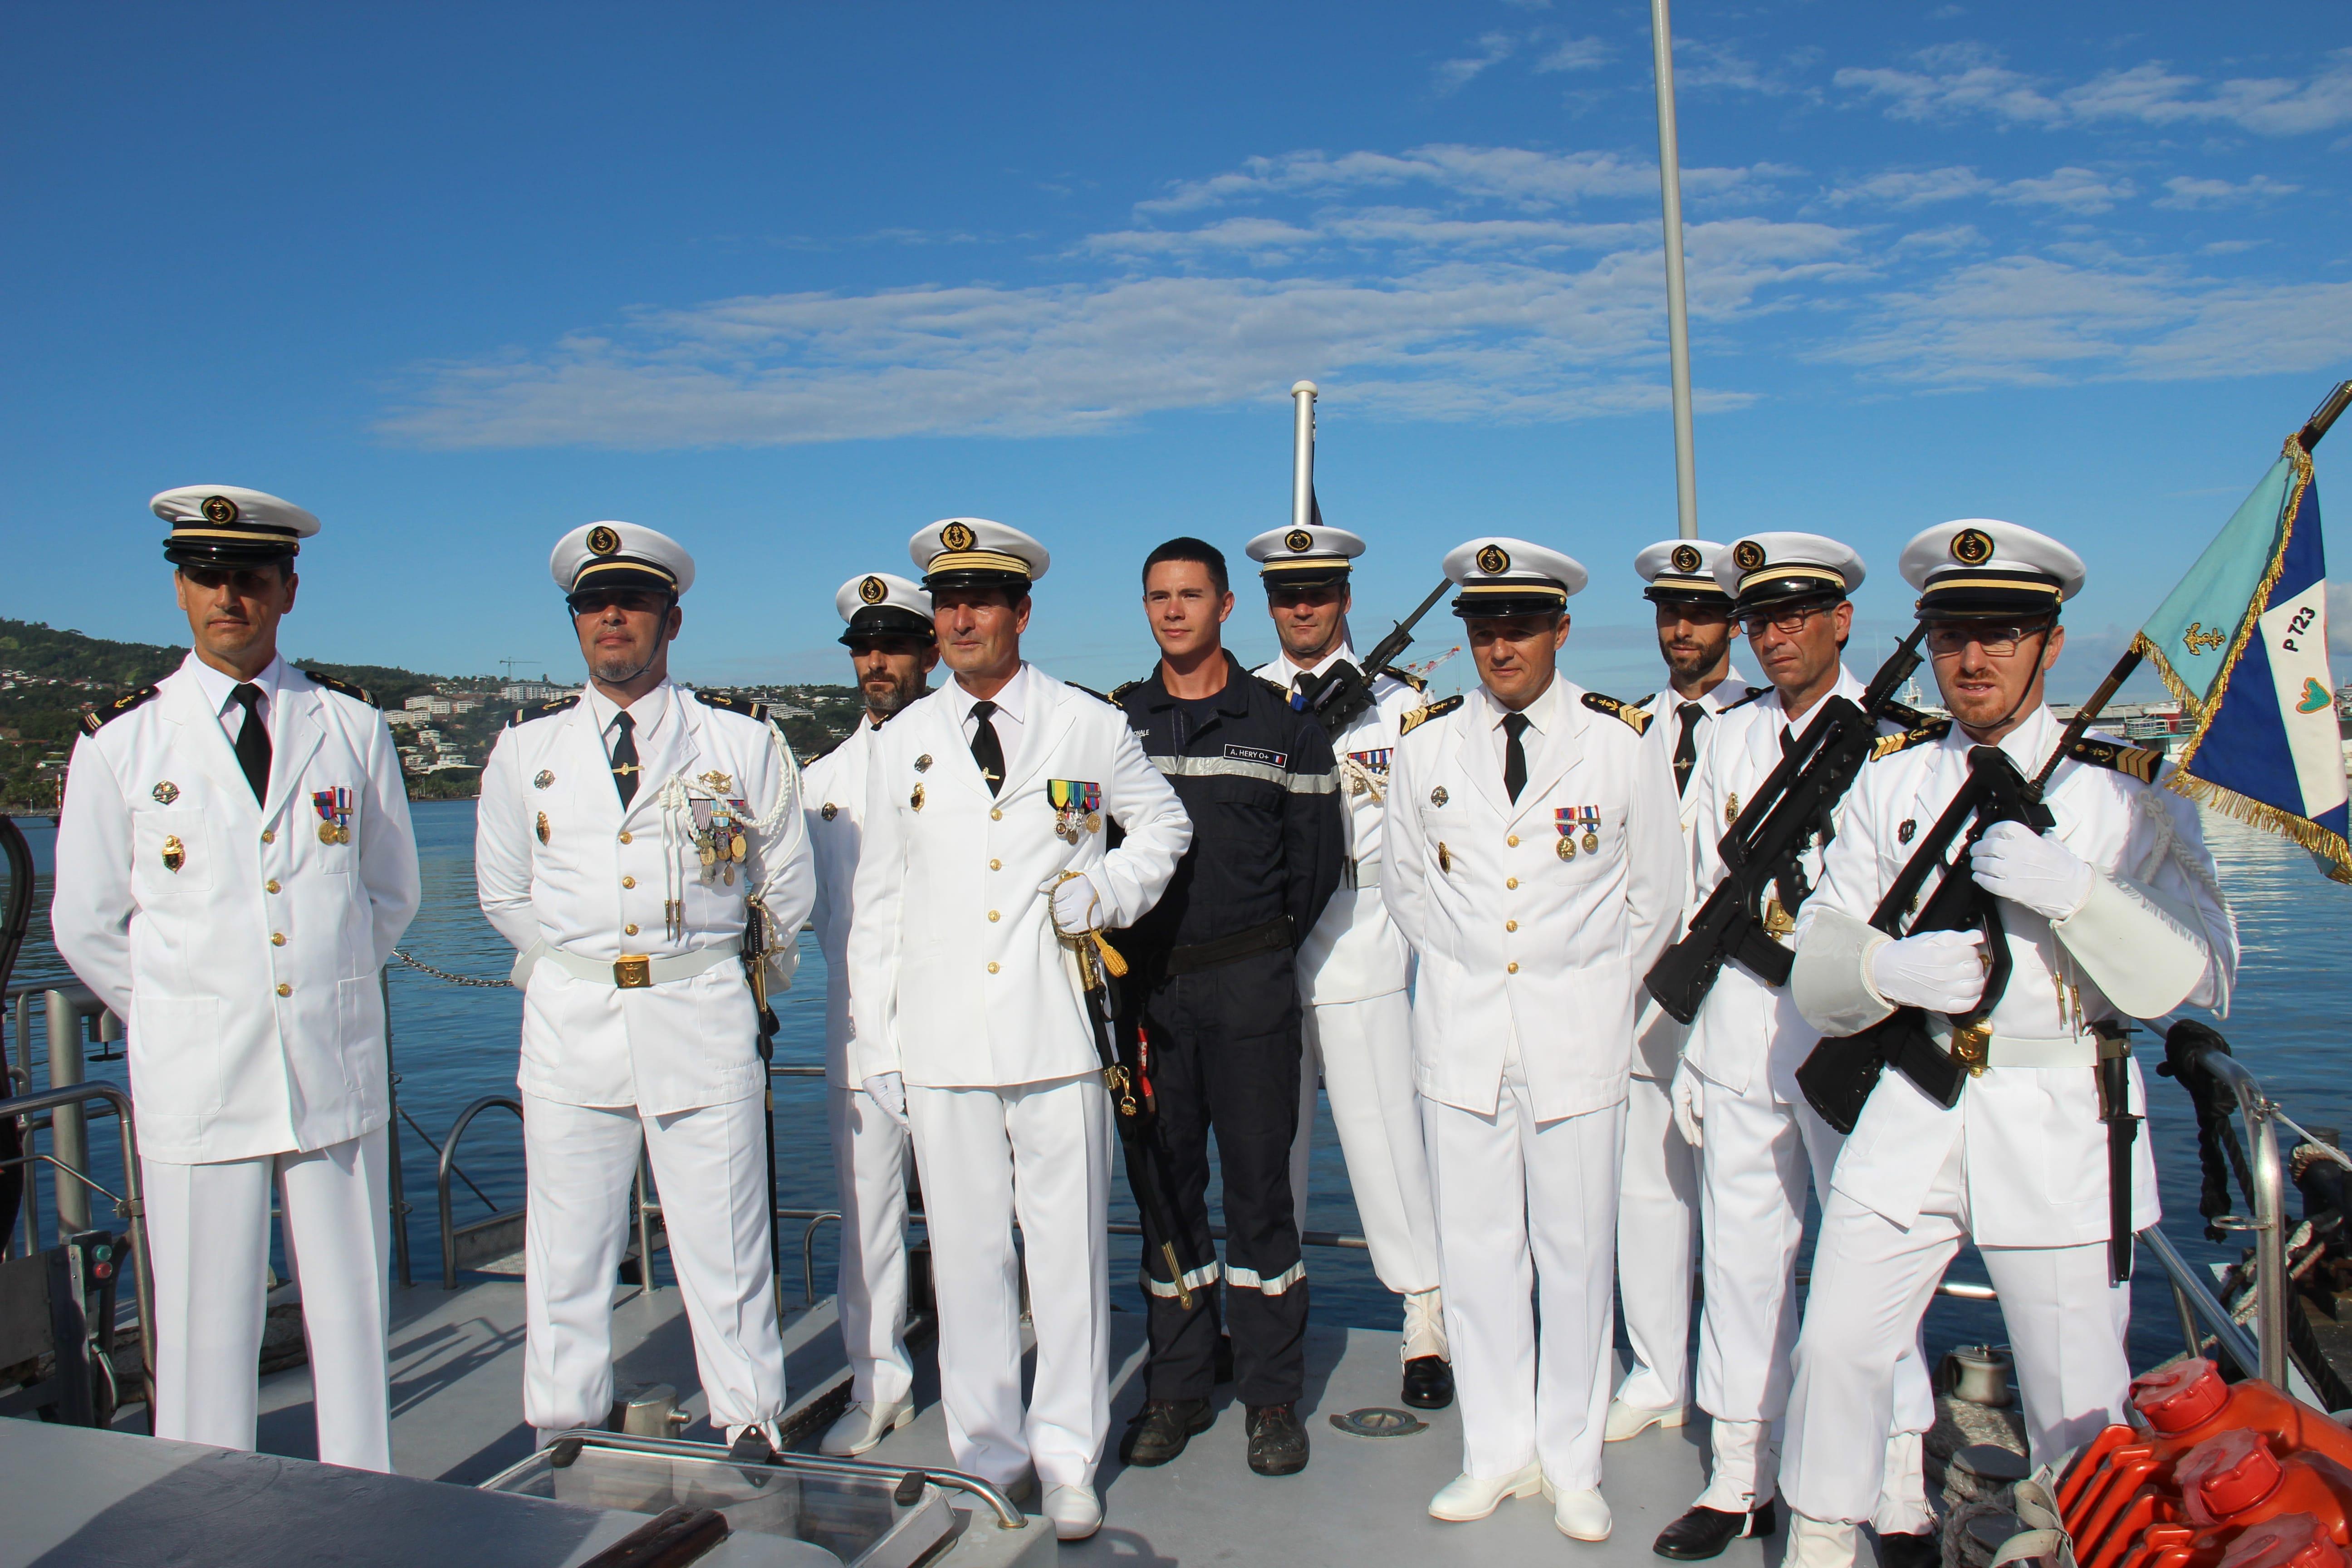 Le capitaine Pascal Brun et son équipage à bord du patrouilleur de gendarmerie maritime « Jasmin. »